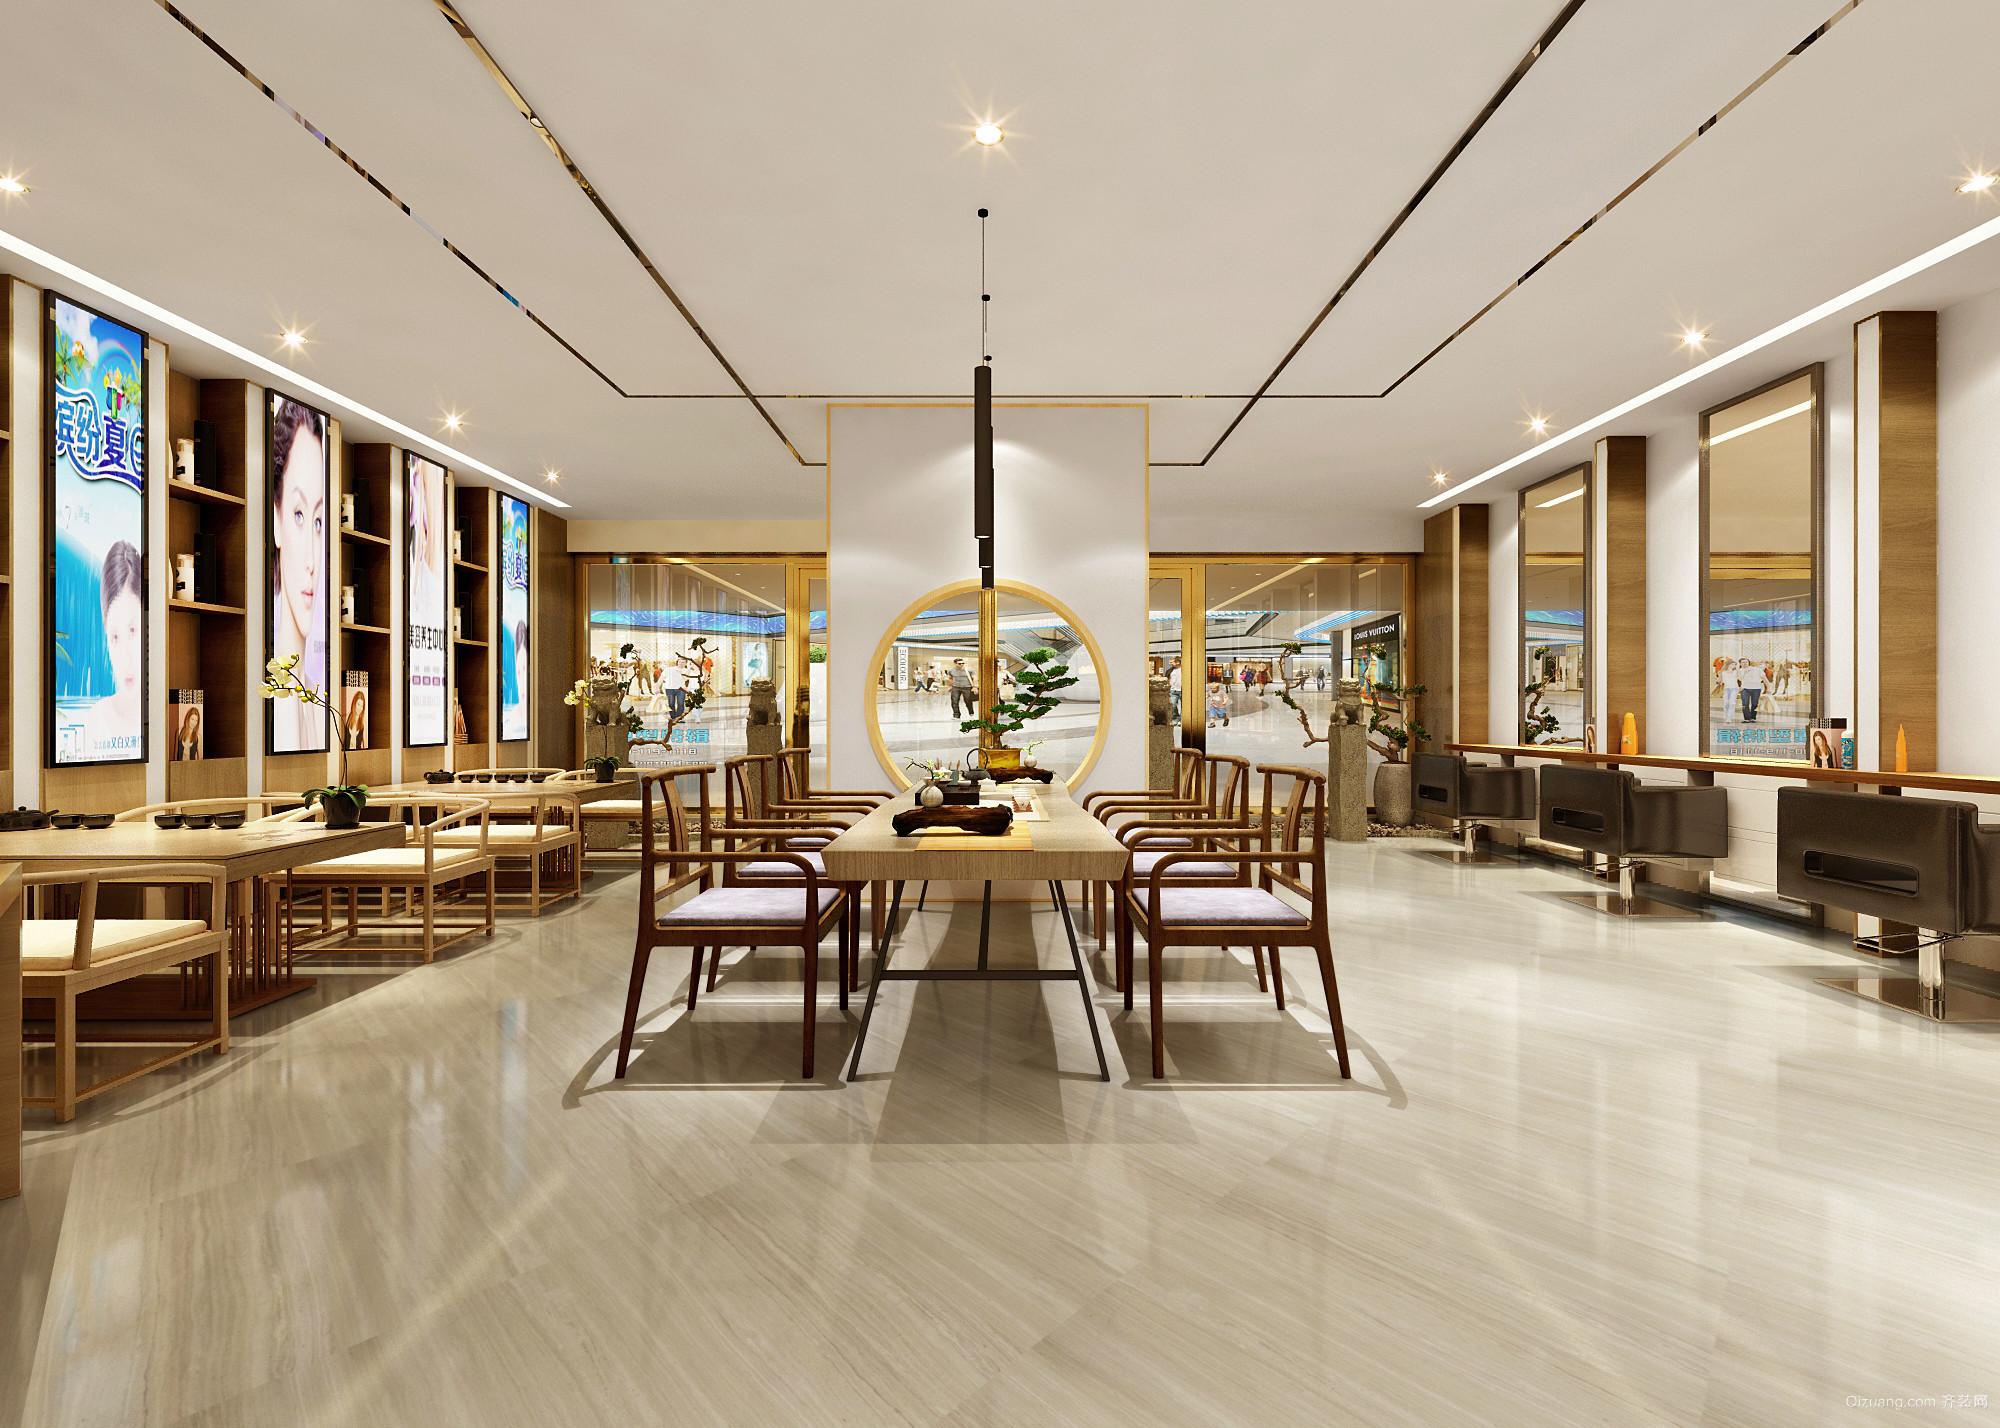 艾秀造型美圈佛山南海万达广场现代简约装修效果图实景图